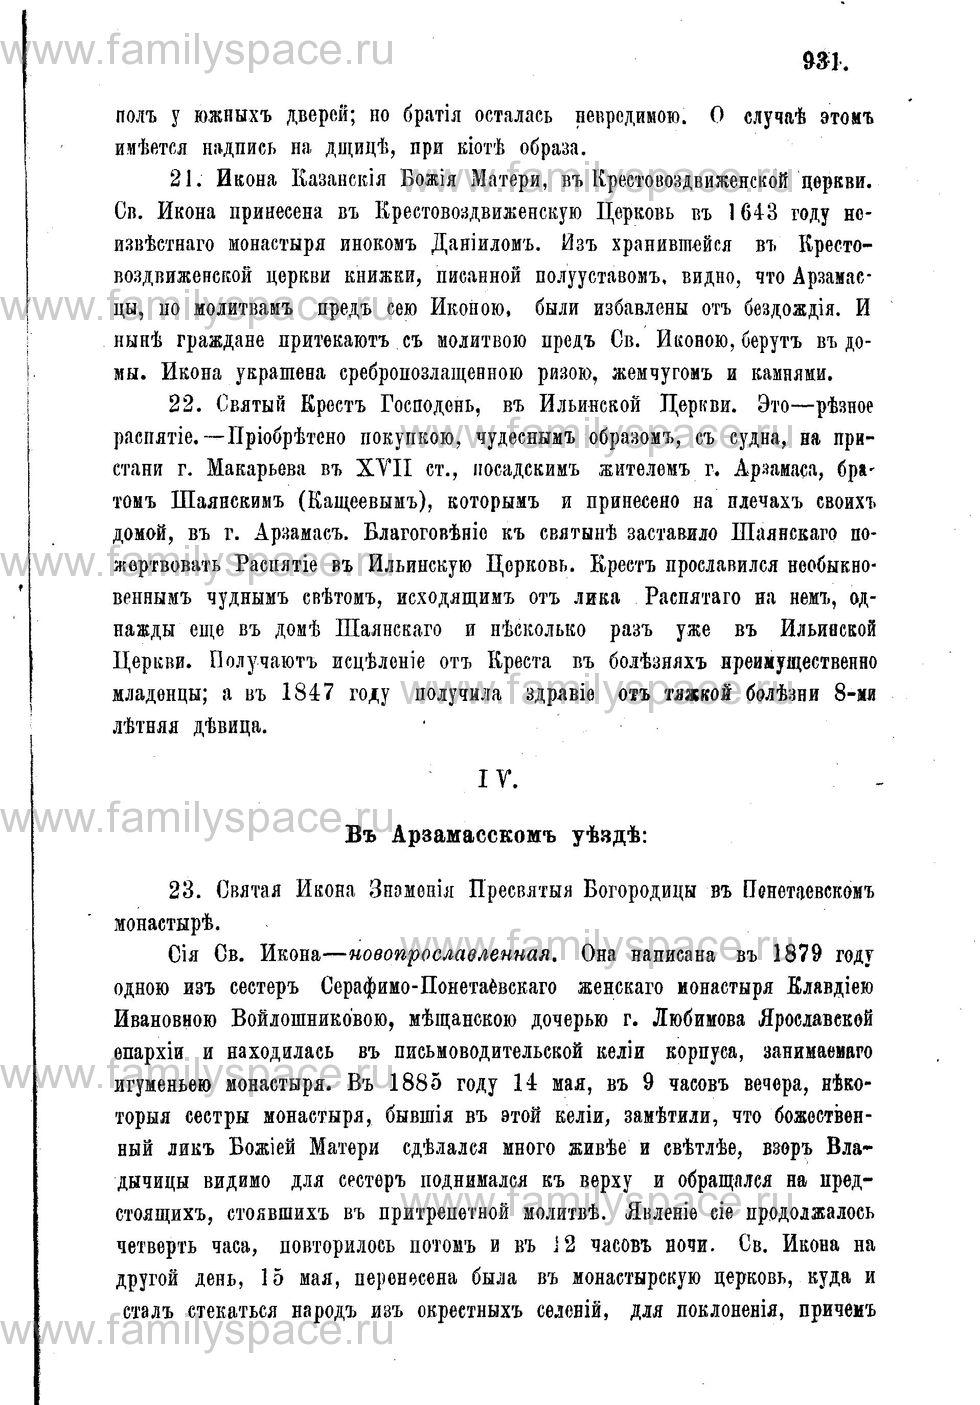 Поиск по фамилии - Адрес-календарь Нижегородской епархии на 1888 год, страница 1931